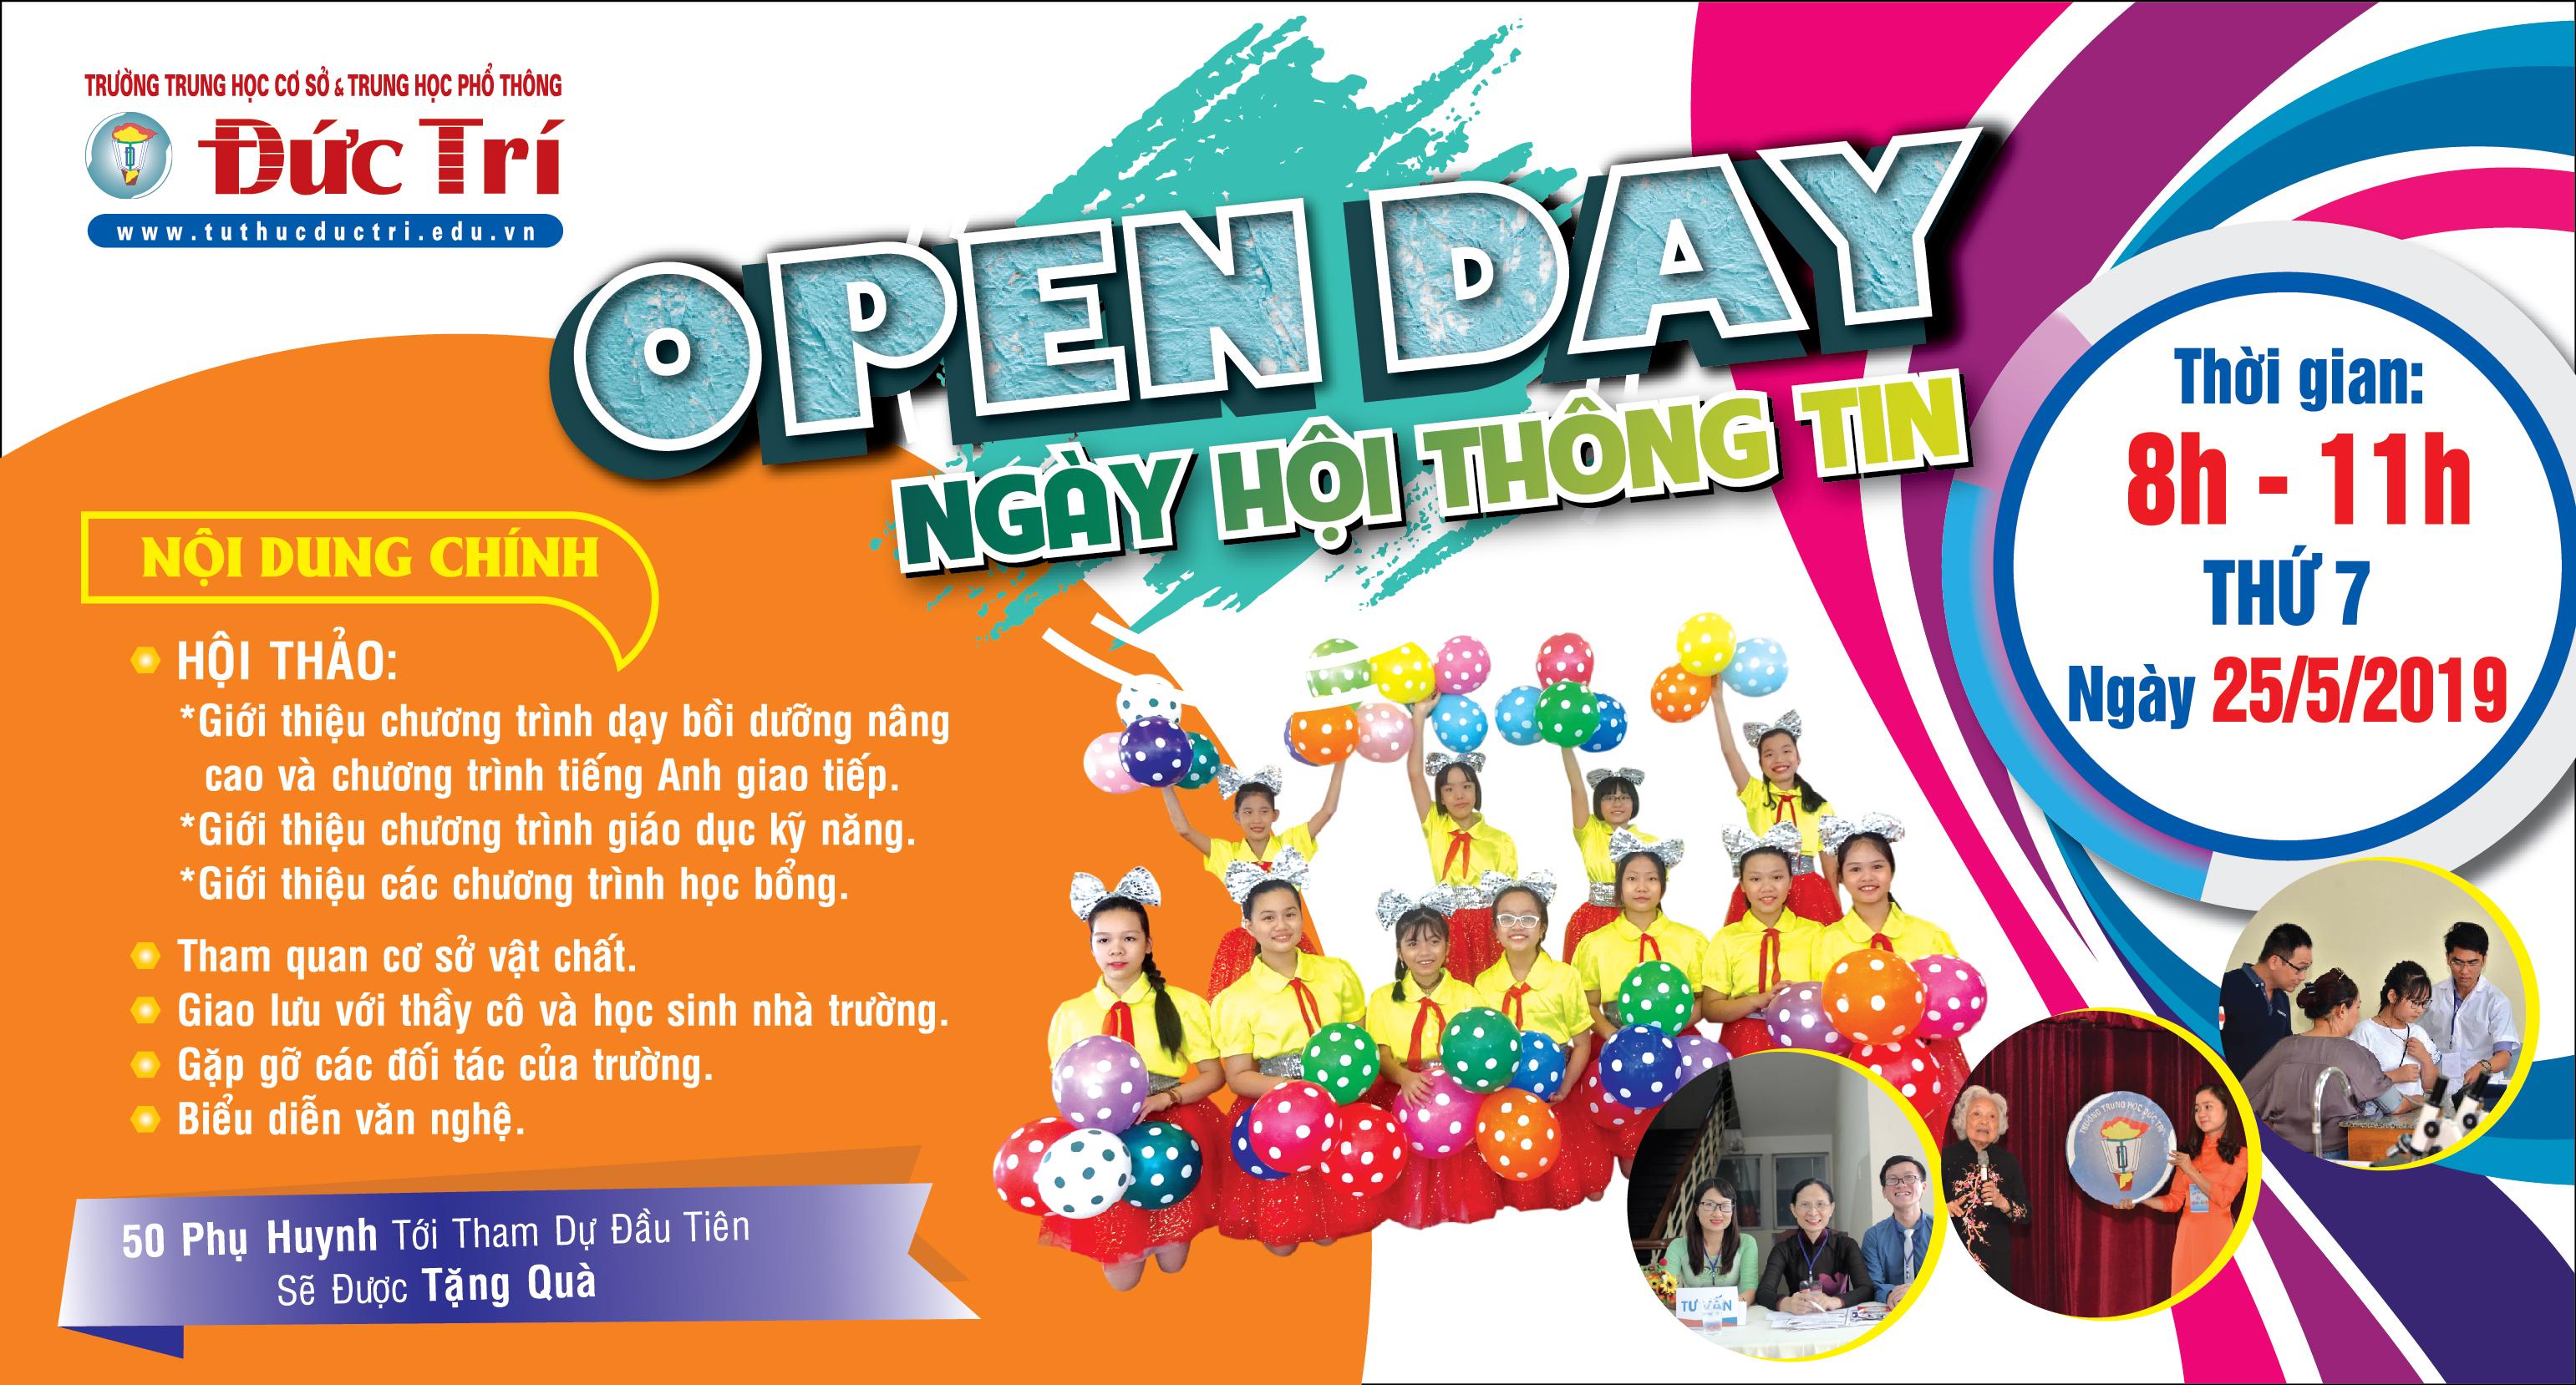 Ngày Hội Thông Tin Trường Đức Trí - Open Day 2019